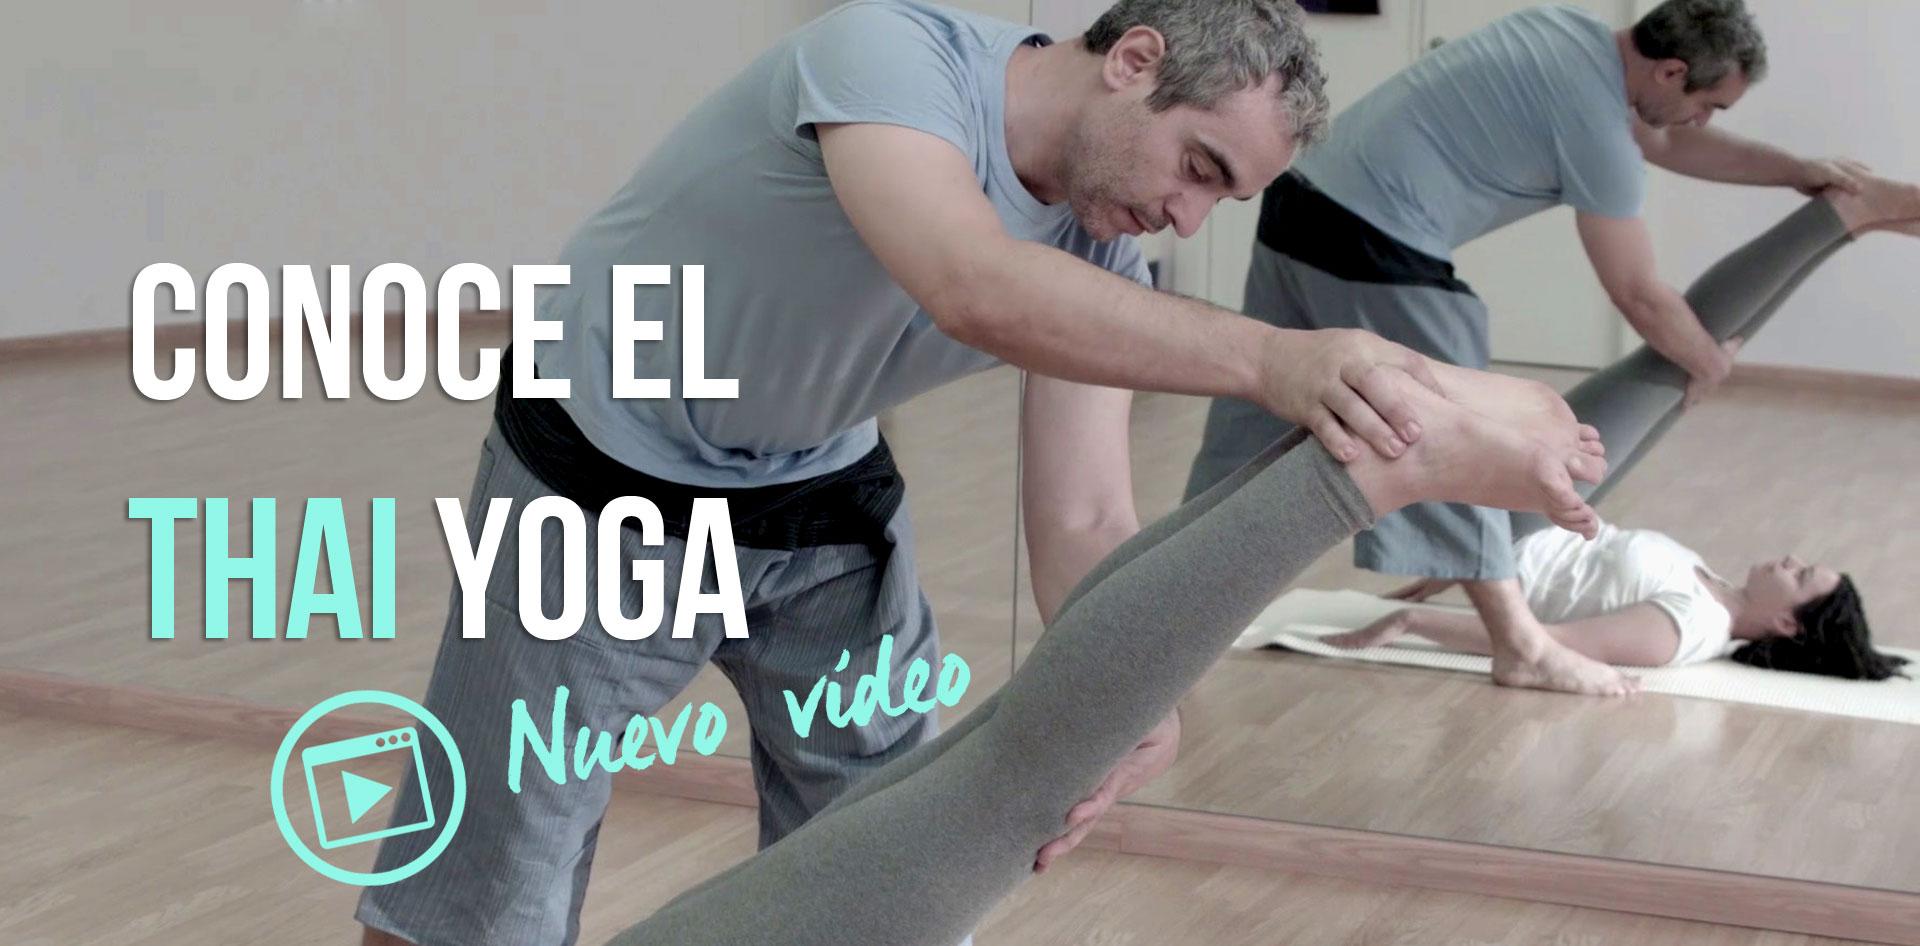 mira nuestro vídeo de yoga asistido con masaje thai